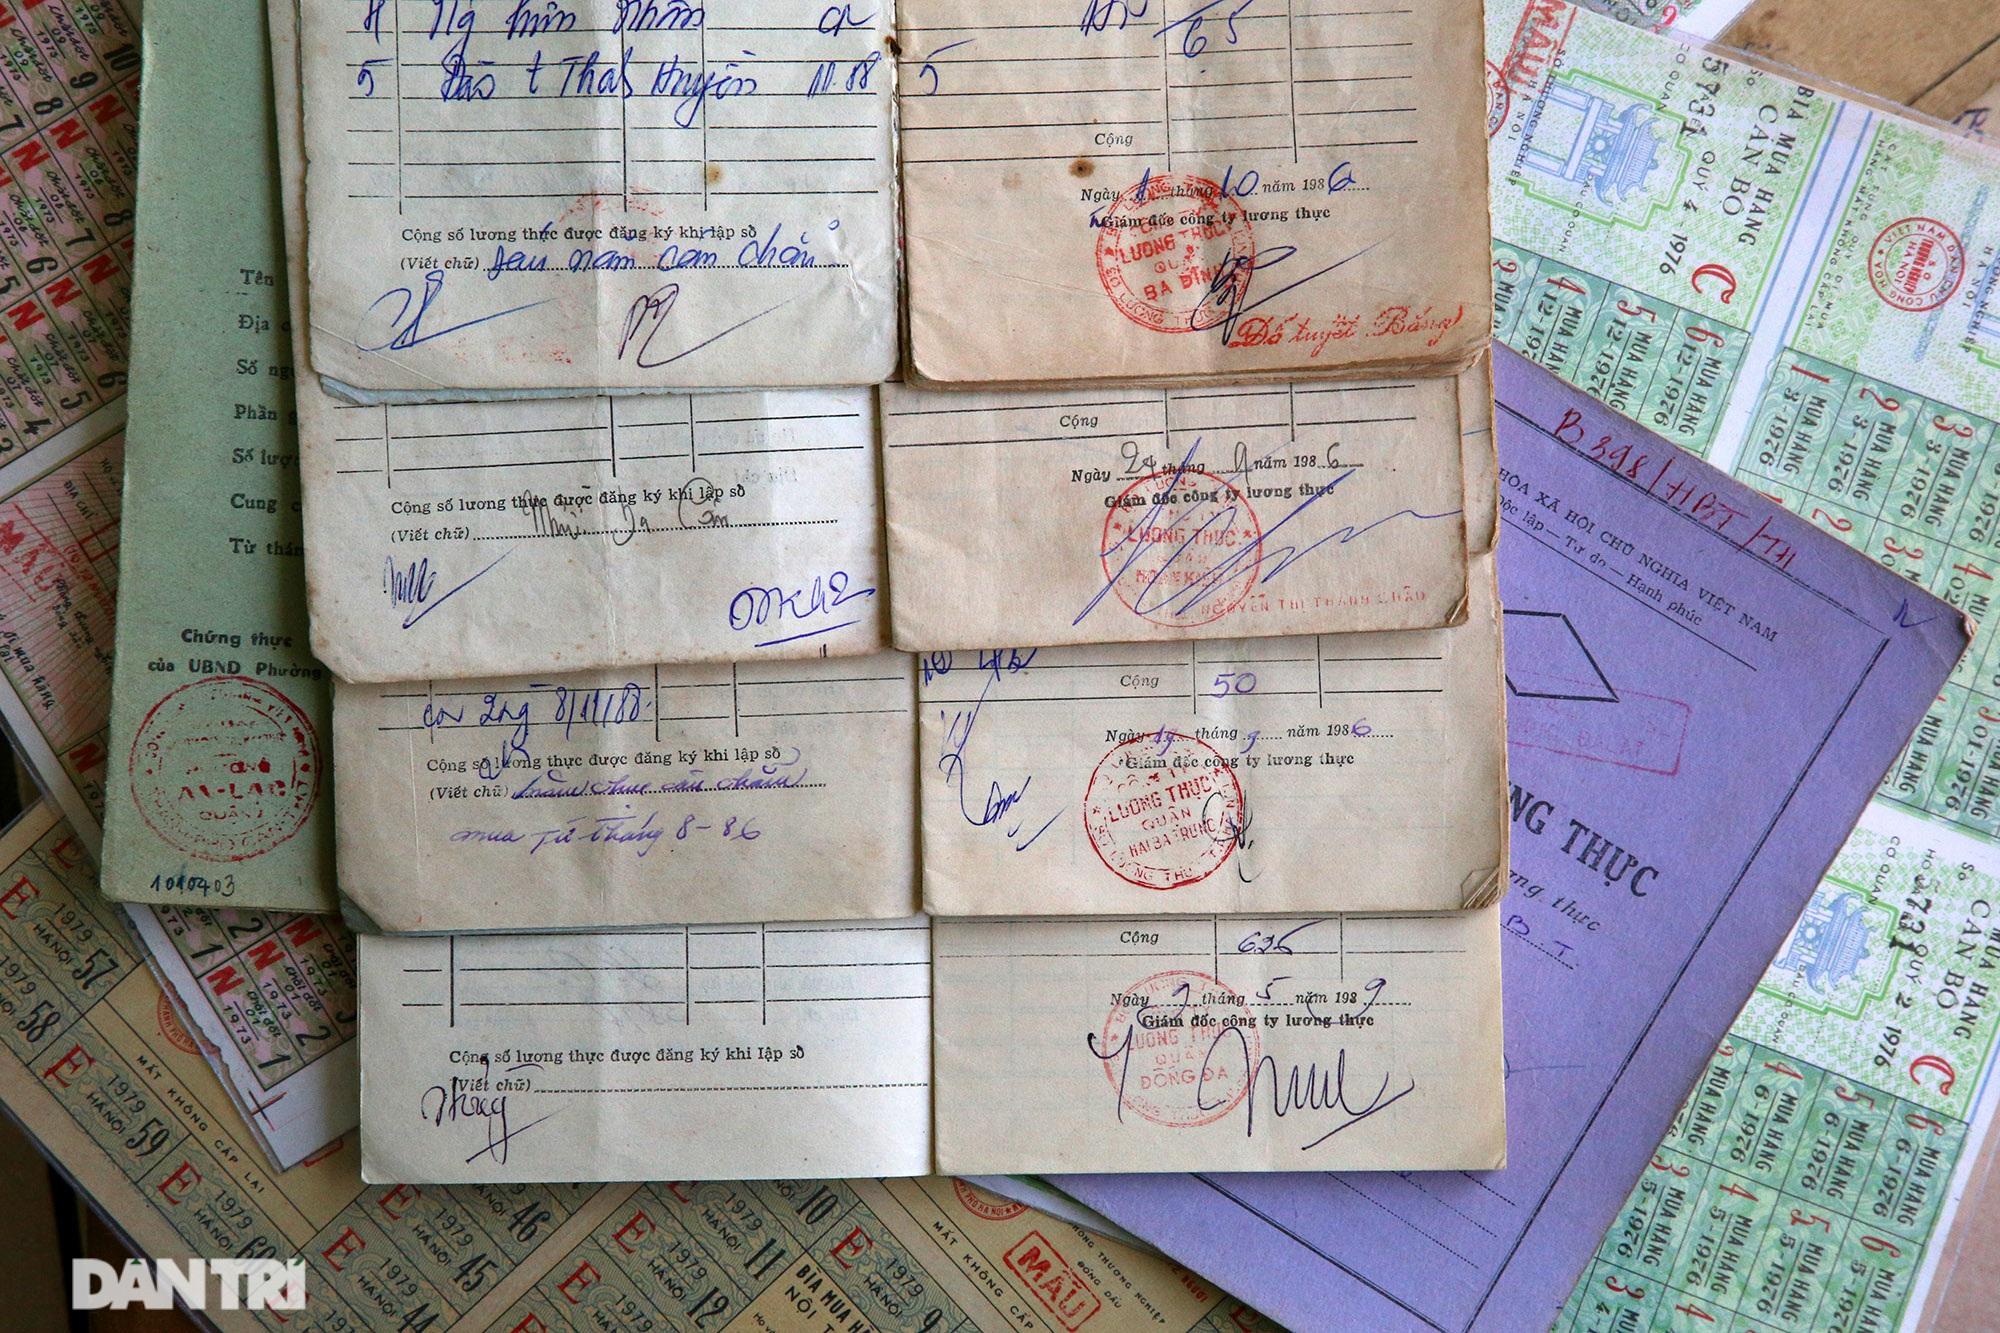 Ký ức gian khó qua bộ sưu tập tem phiếu, sổ gạo thời bao cấp - 3